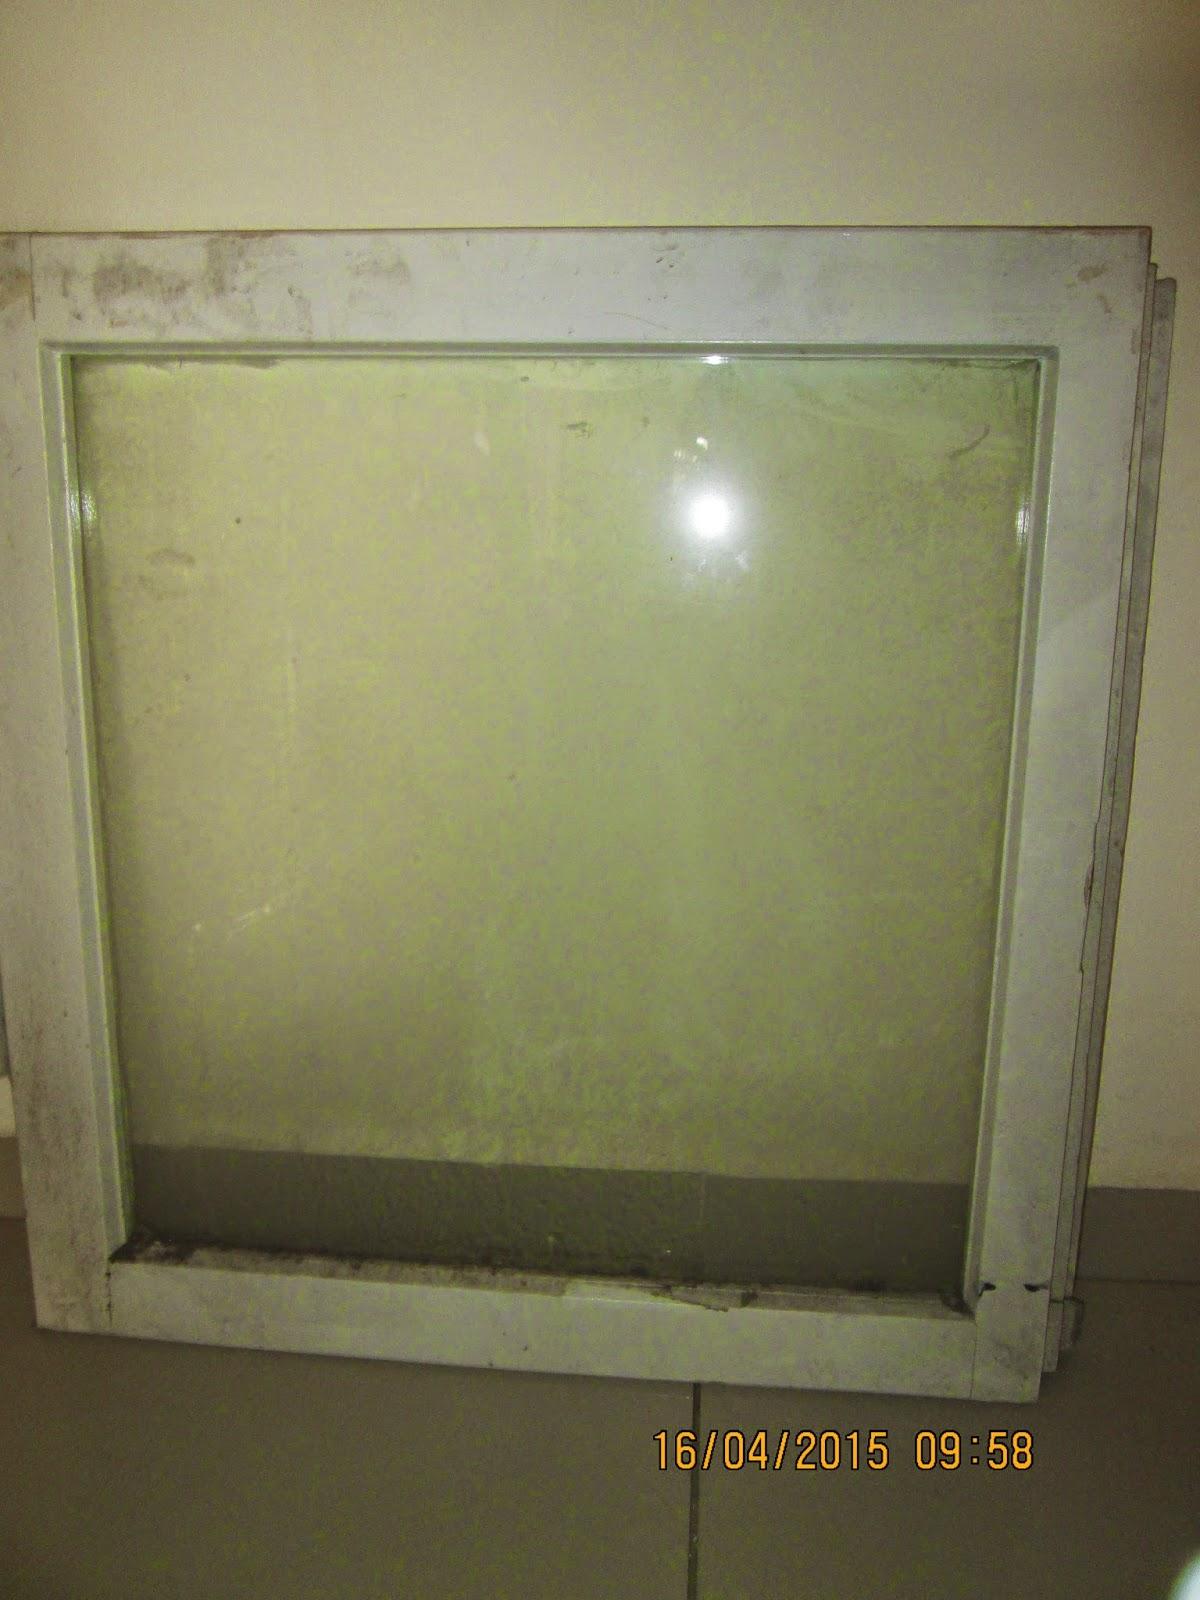 IMG 0011 - מה עושים עם חלון ישן?